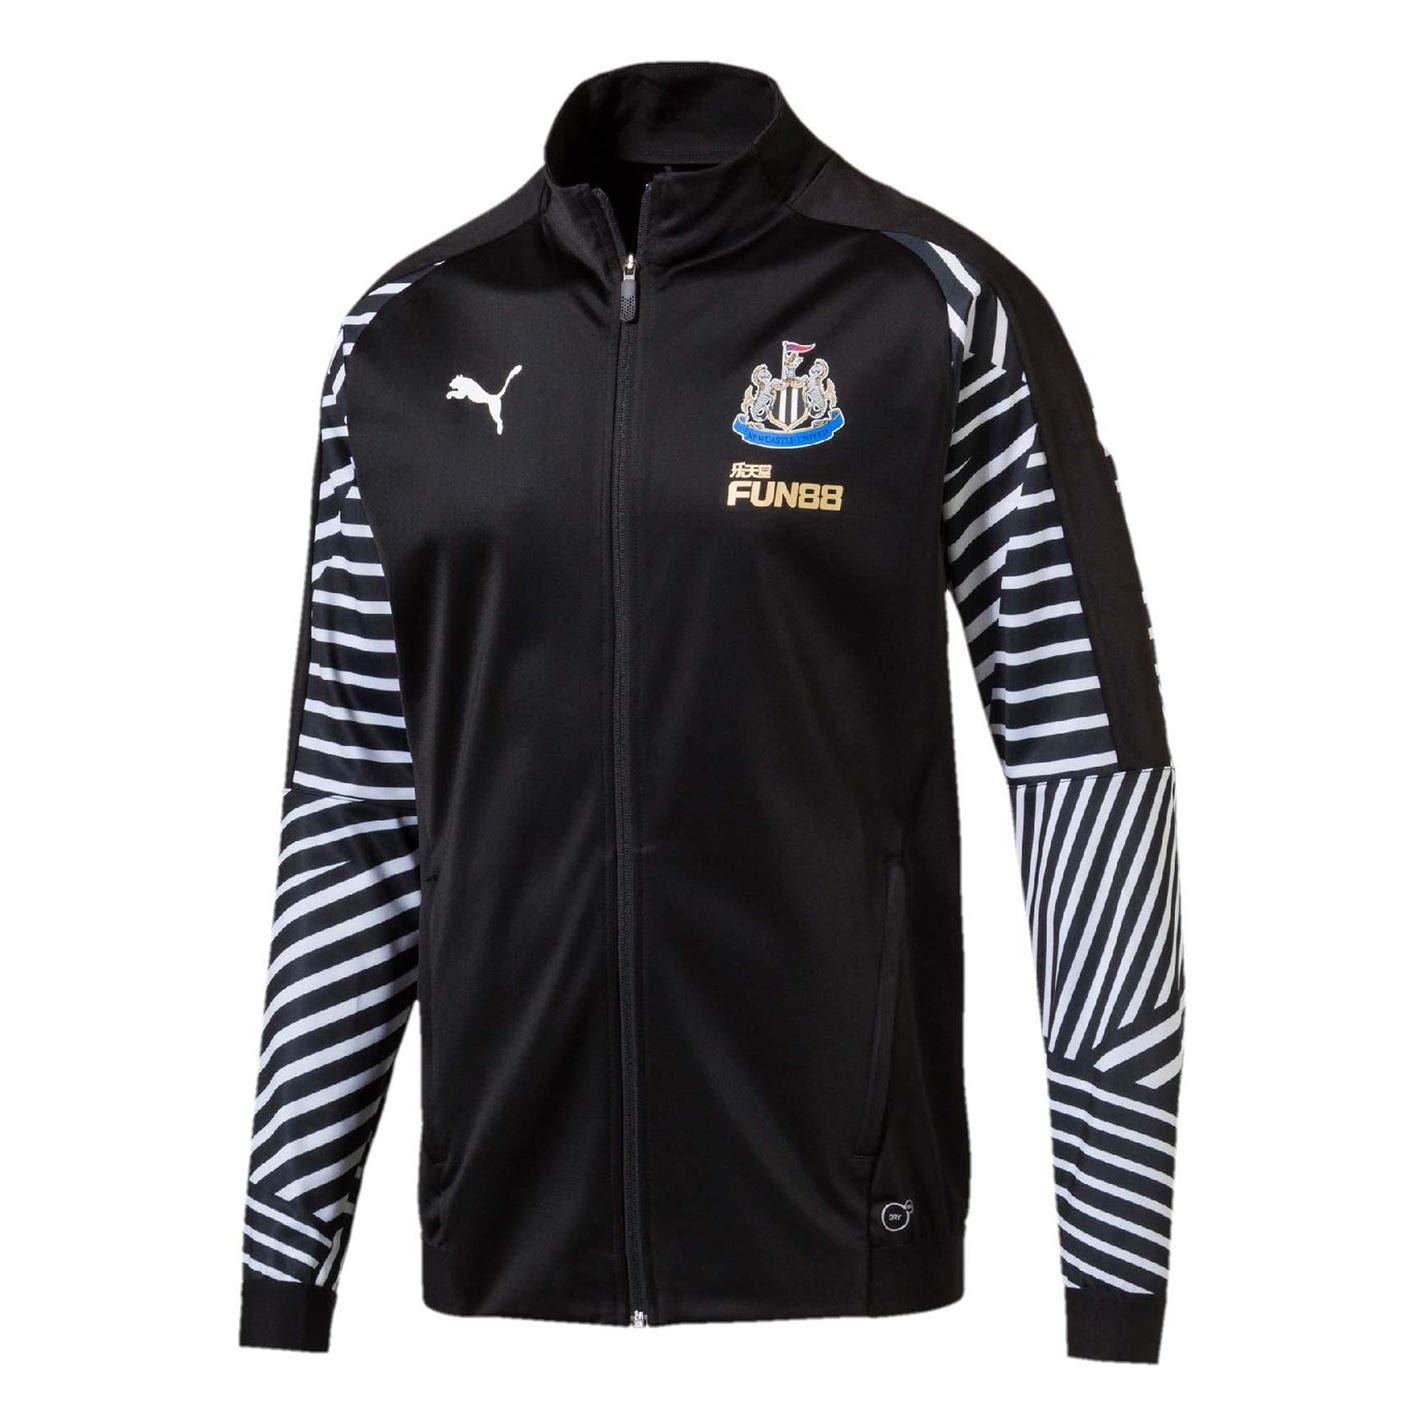 使い勝手の良い 2018-2019 B07FT9GM12 Newcastle Puma Stadium Jacket (Black) Medium B07FT9GM12 Medium Puma Adults|Black Black Medium Adults, こどもブティック ZOO:882ccf90 --- svecha37.ru